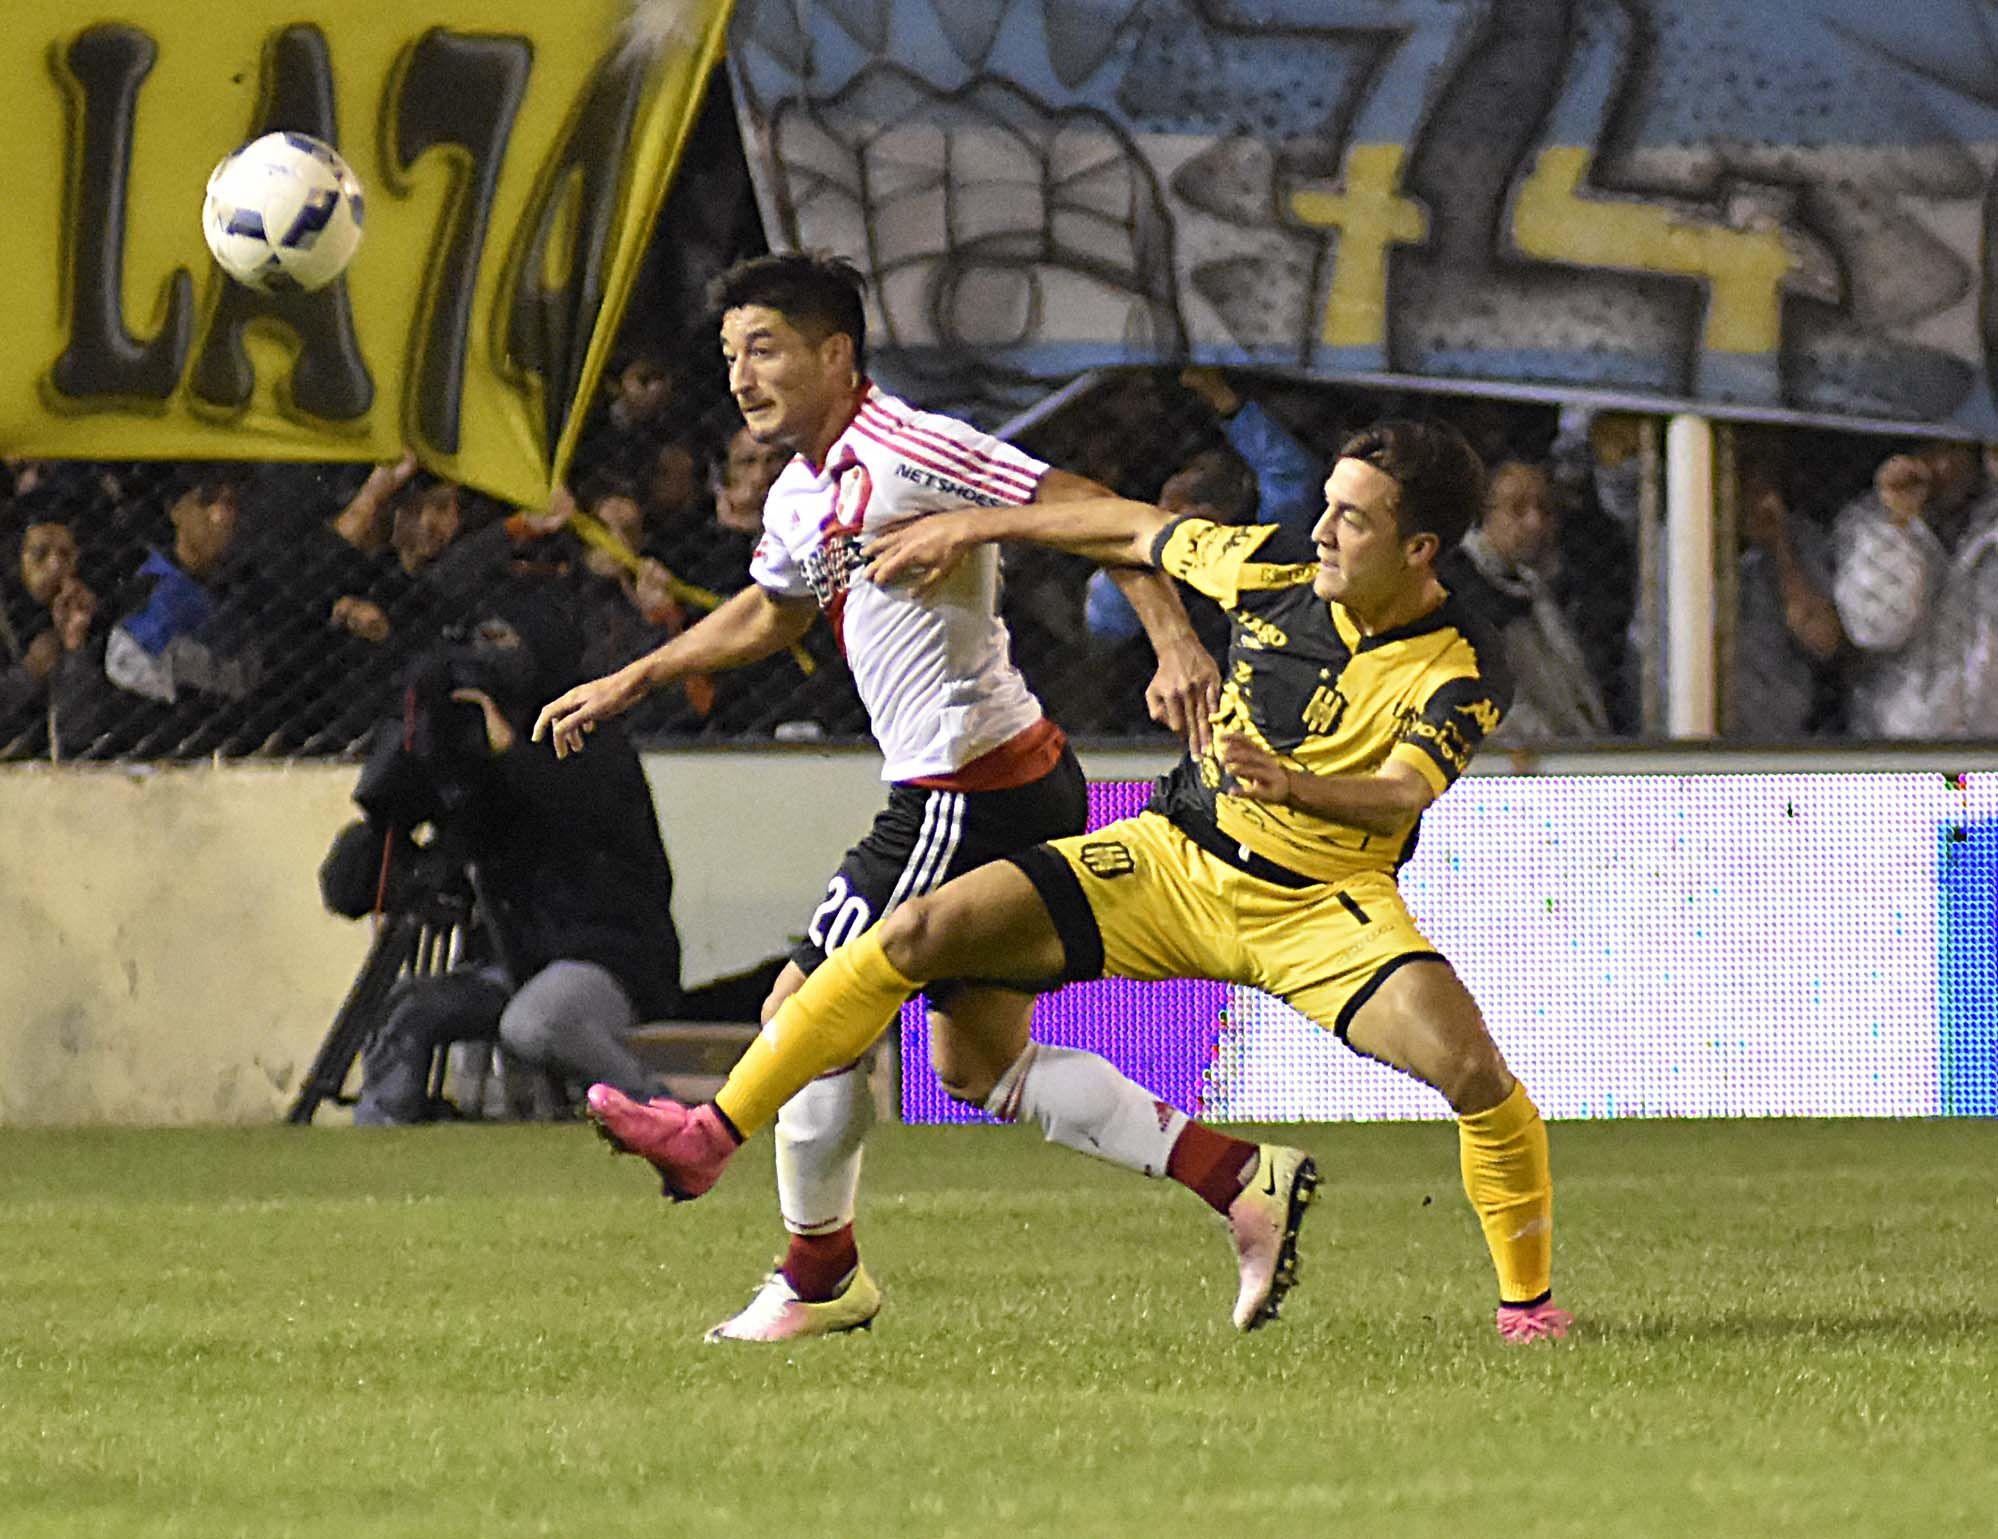 Con un gol de Pisculichi, River le ganó a Olimpo en Bahía